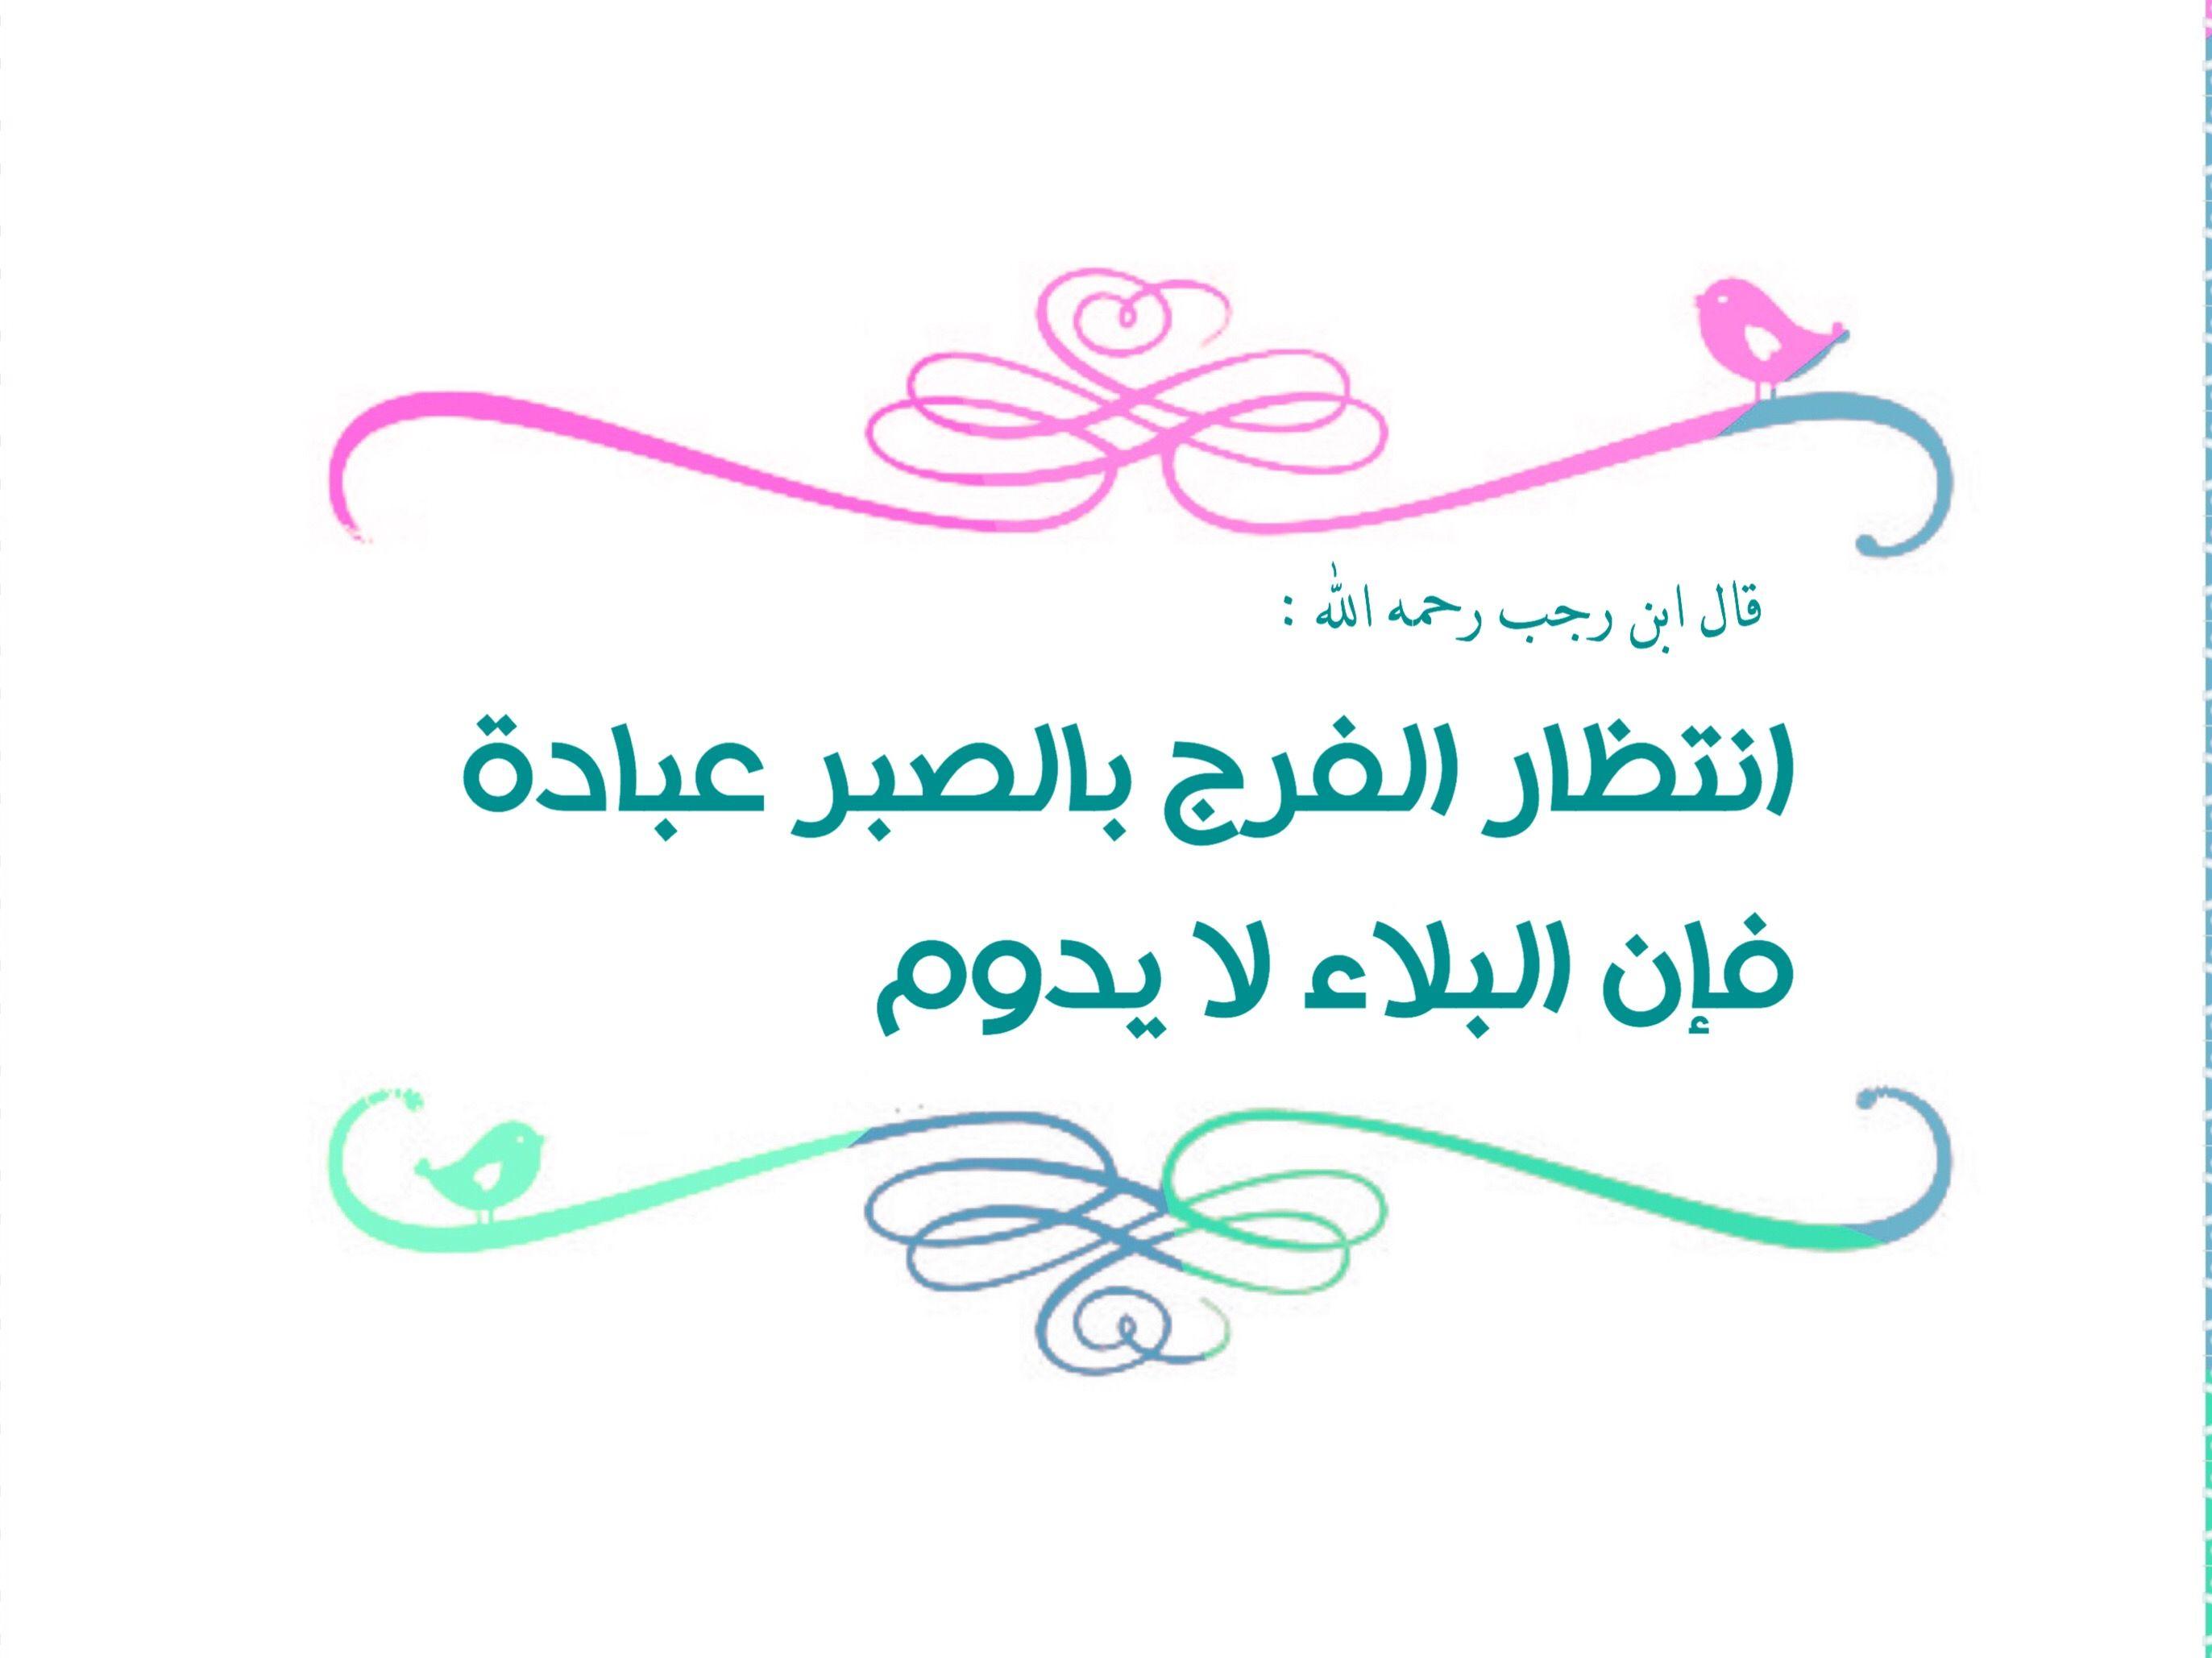 قال ابن رحب رحمه الله انتظار الفرج بالصبر عبادة فإن البلاء لا يدوم Home Decor Decals Decor